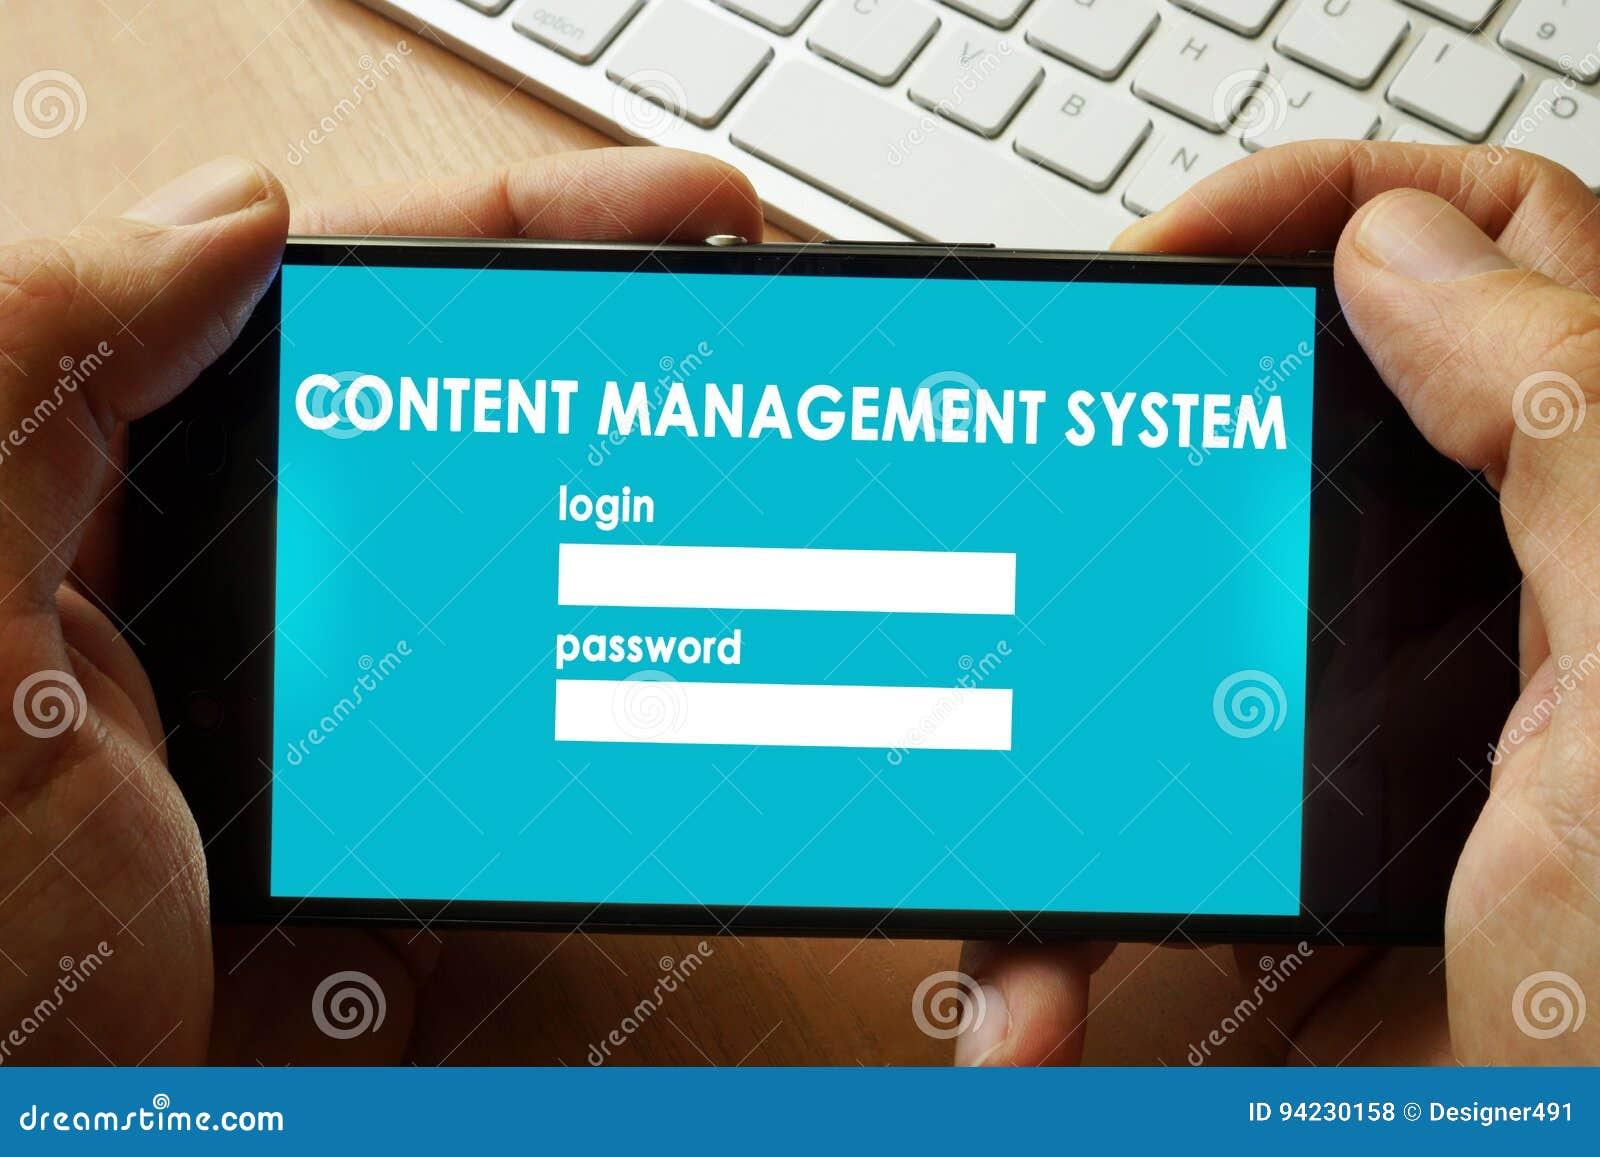 Content Management System CMS.